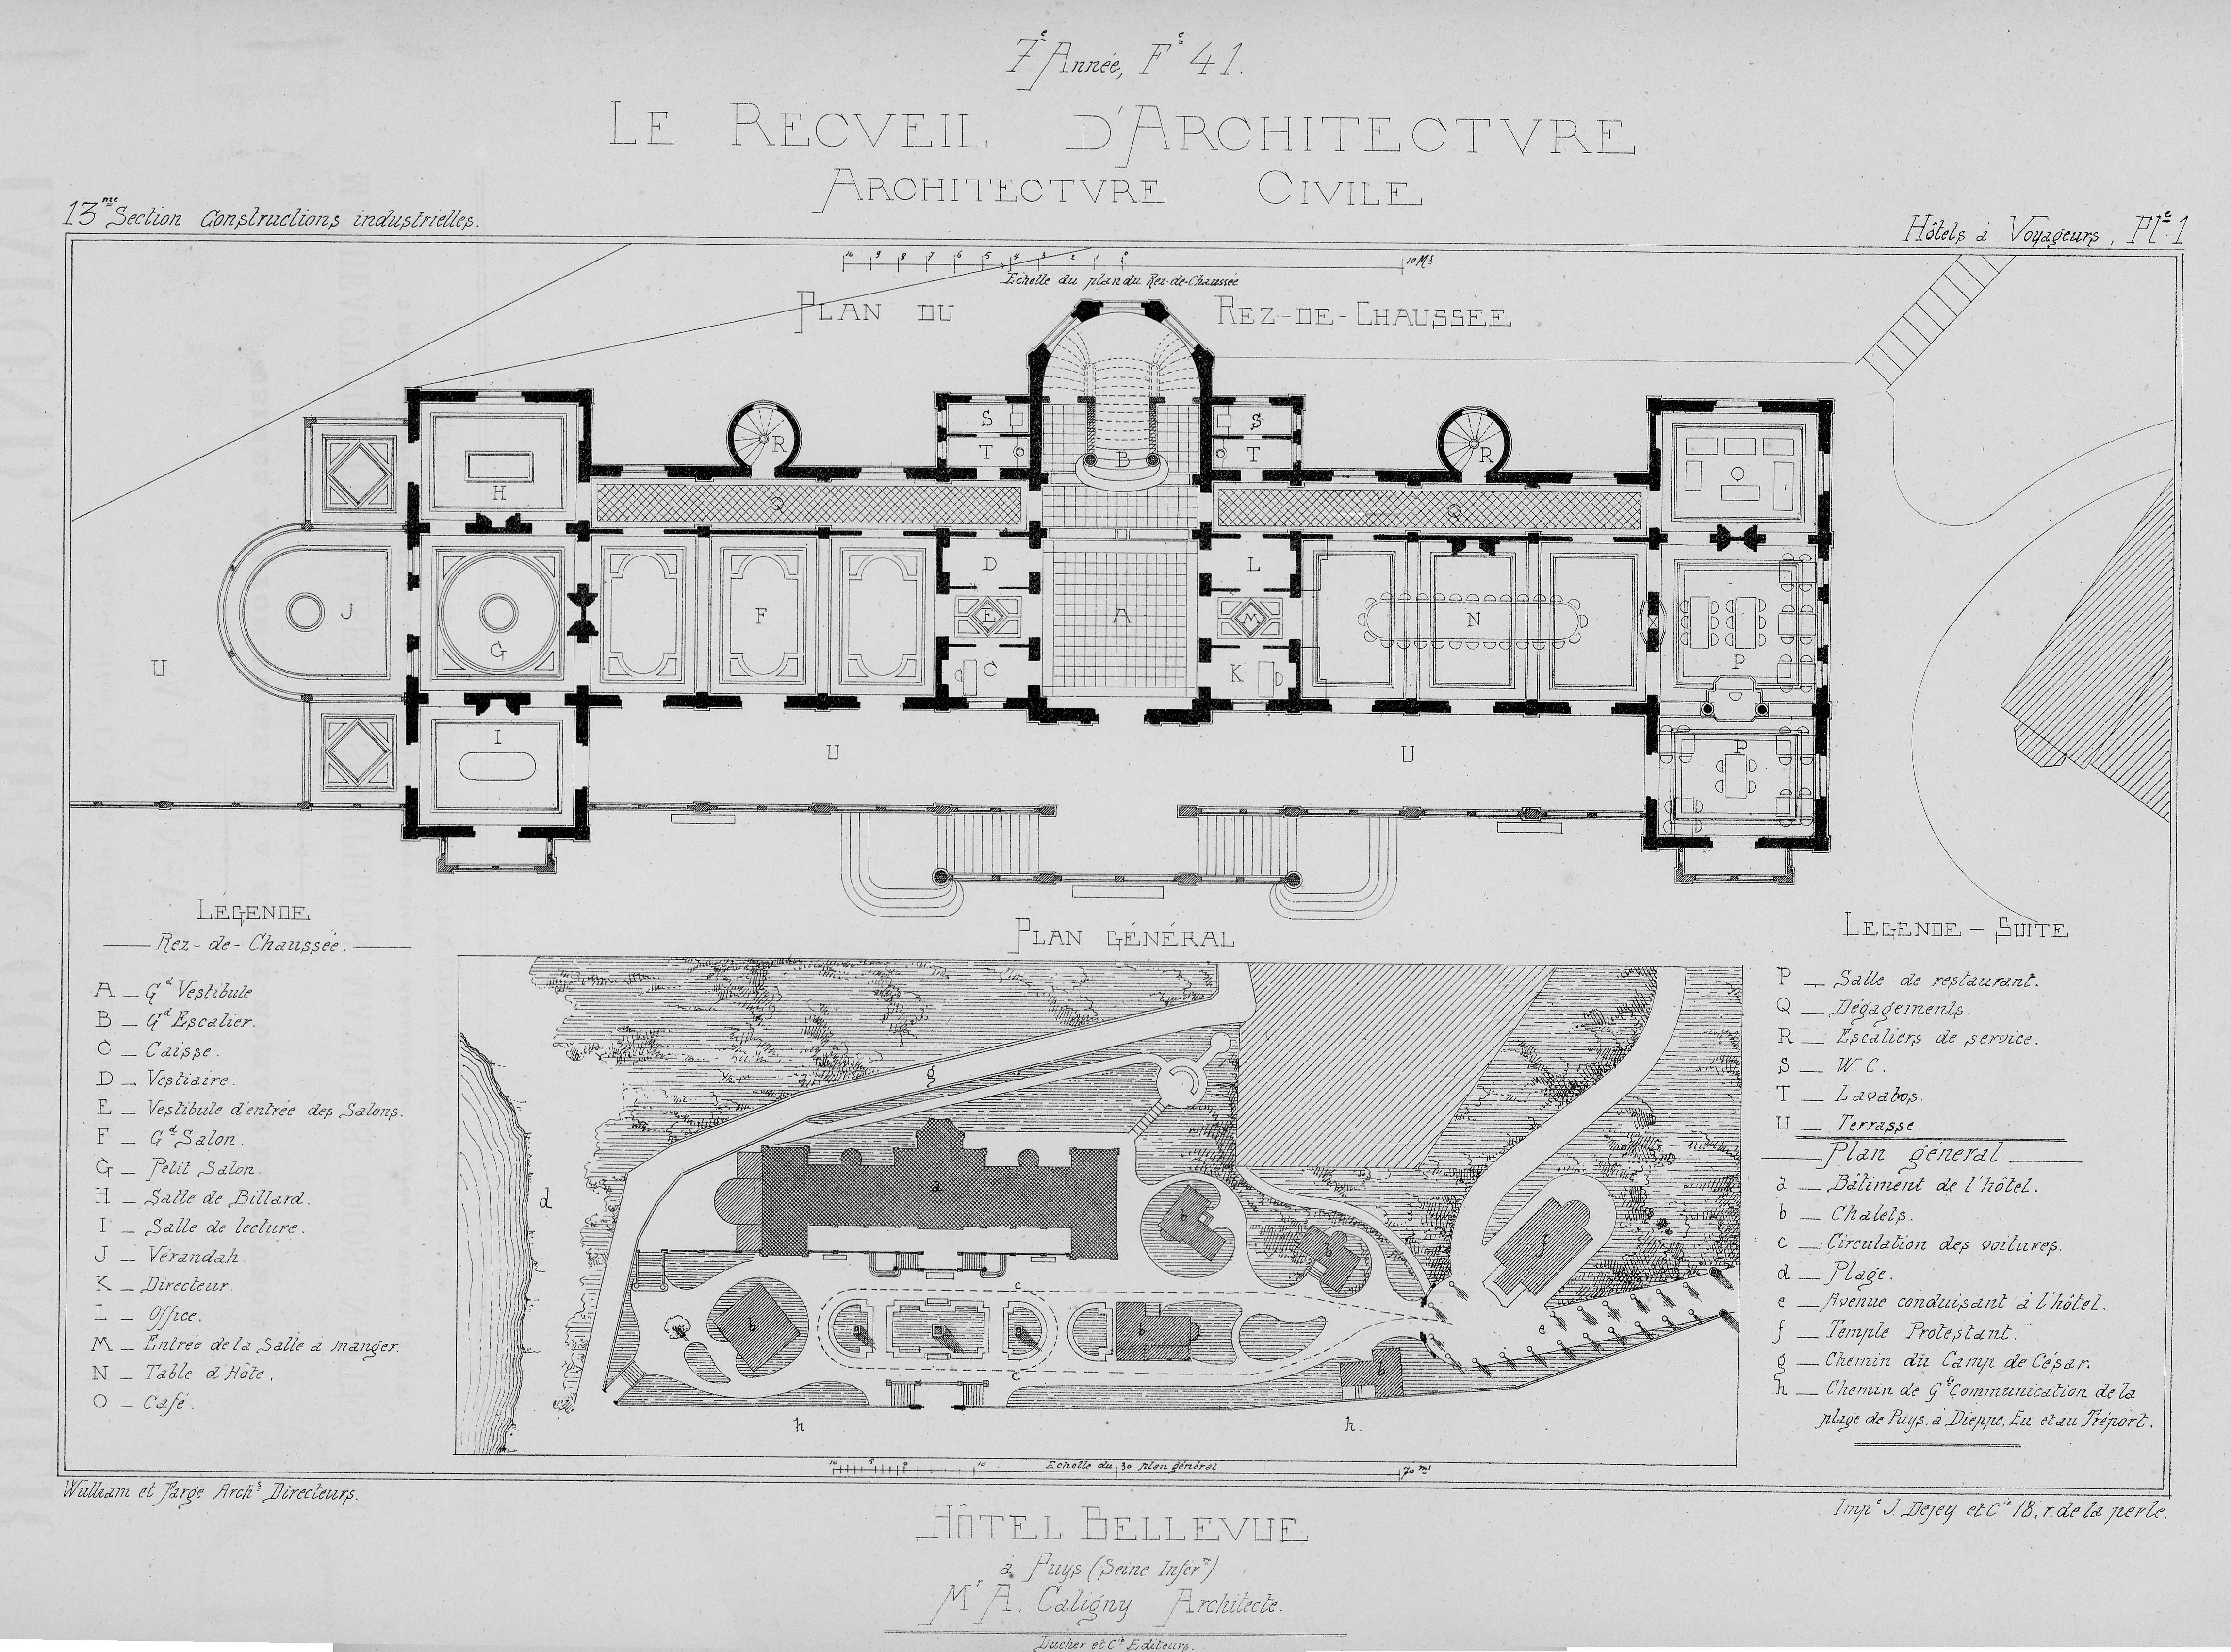 à droite dans le premier lacet de la sente de jérusalem actuellement sente du canada pour la villa on a un plan de masse en bas de limage